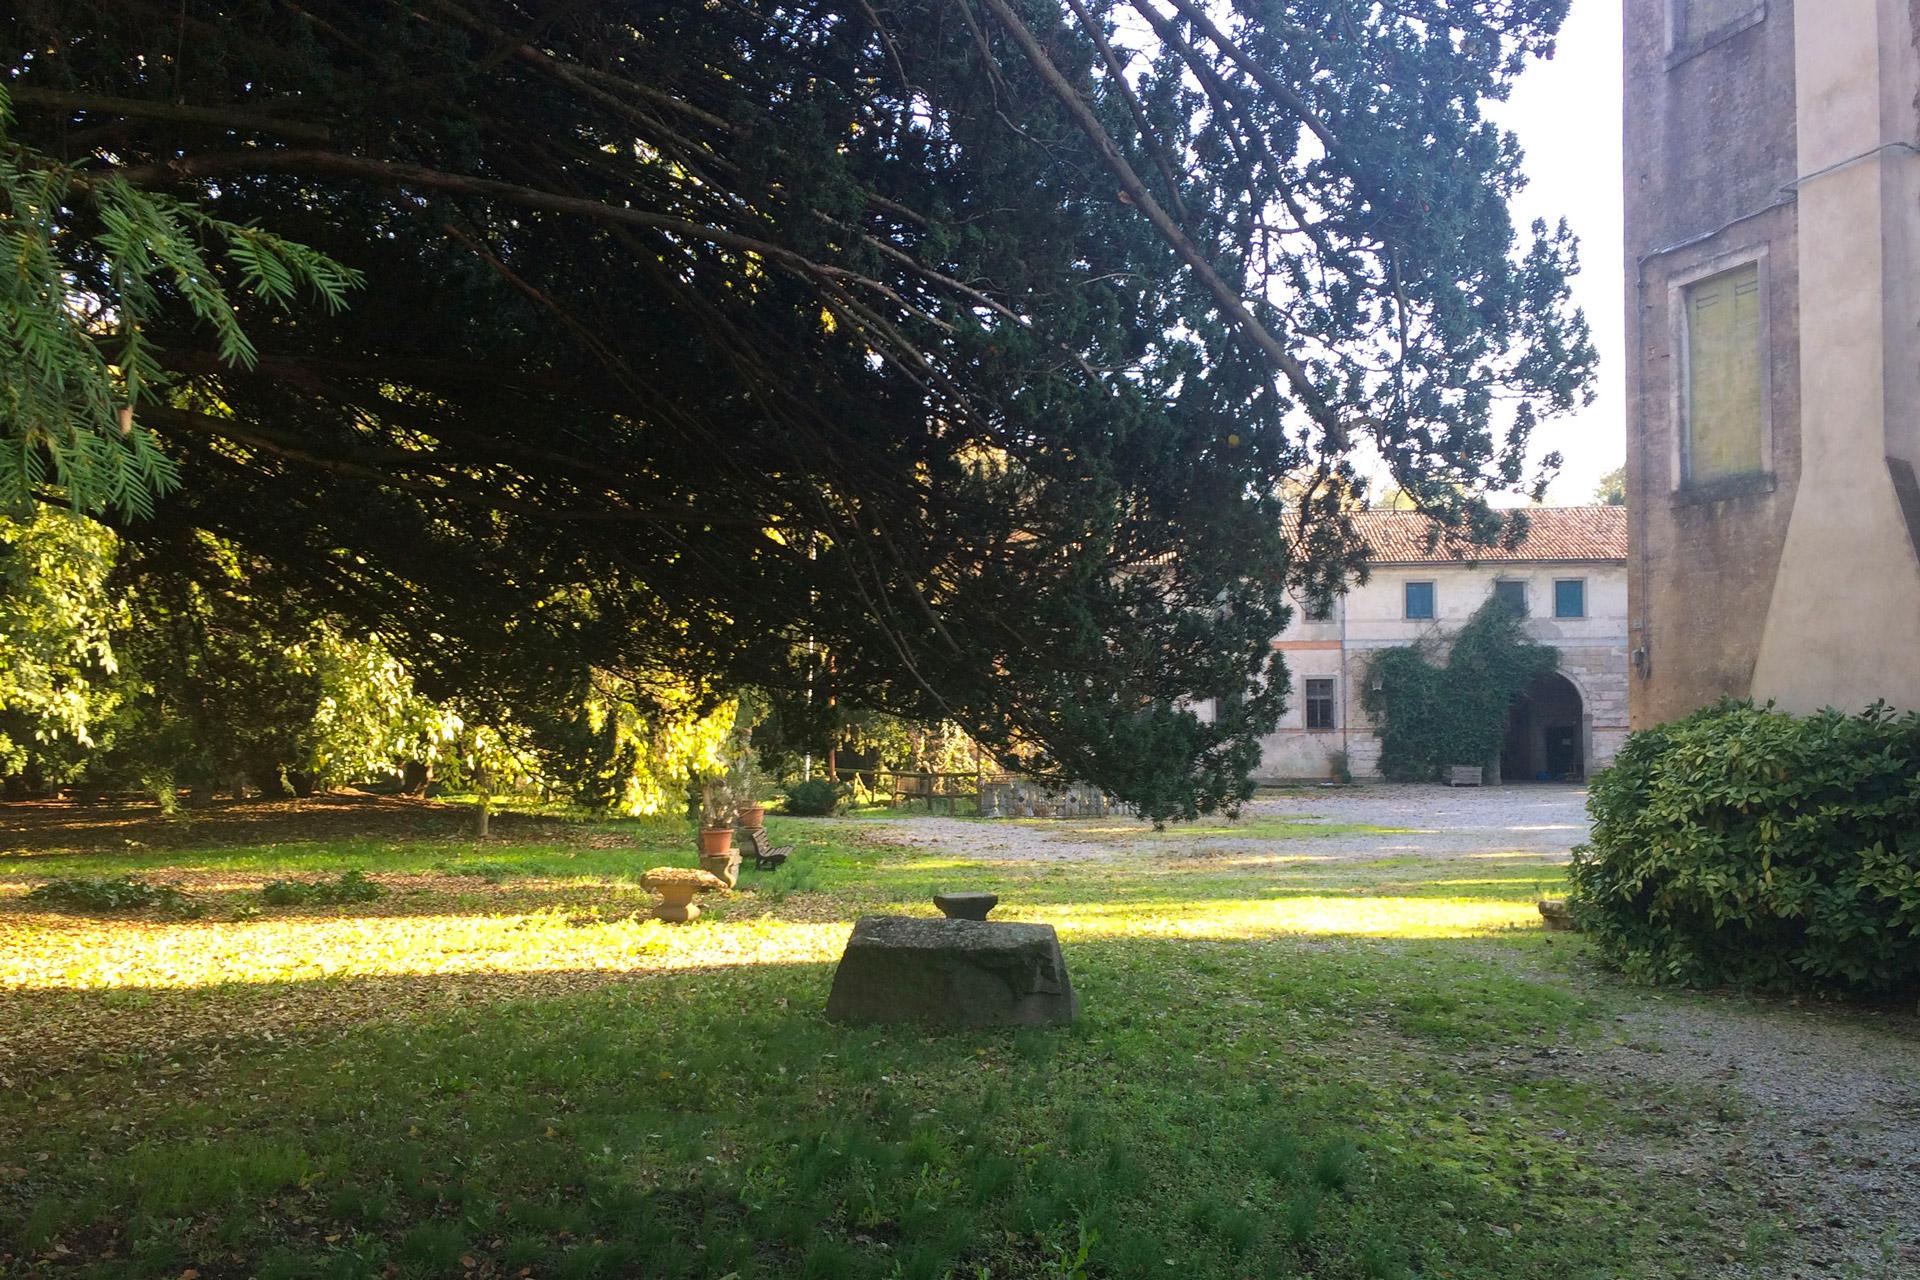 Pernumia_Parco di Villa Grifalconi Maldura